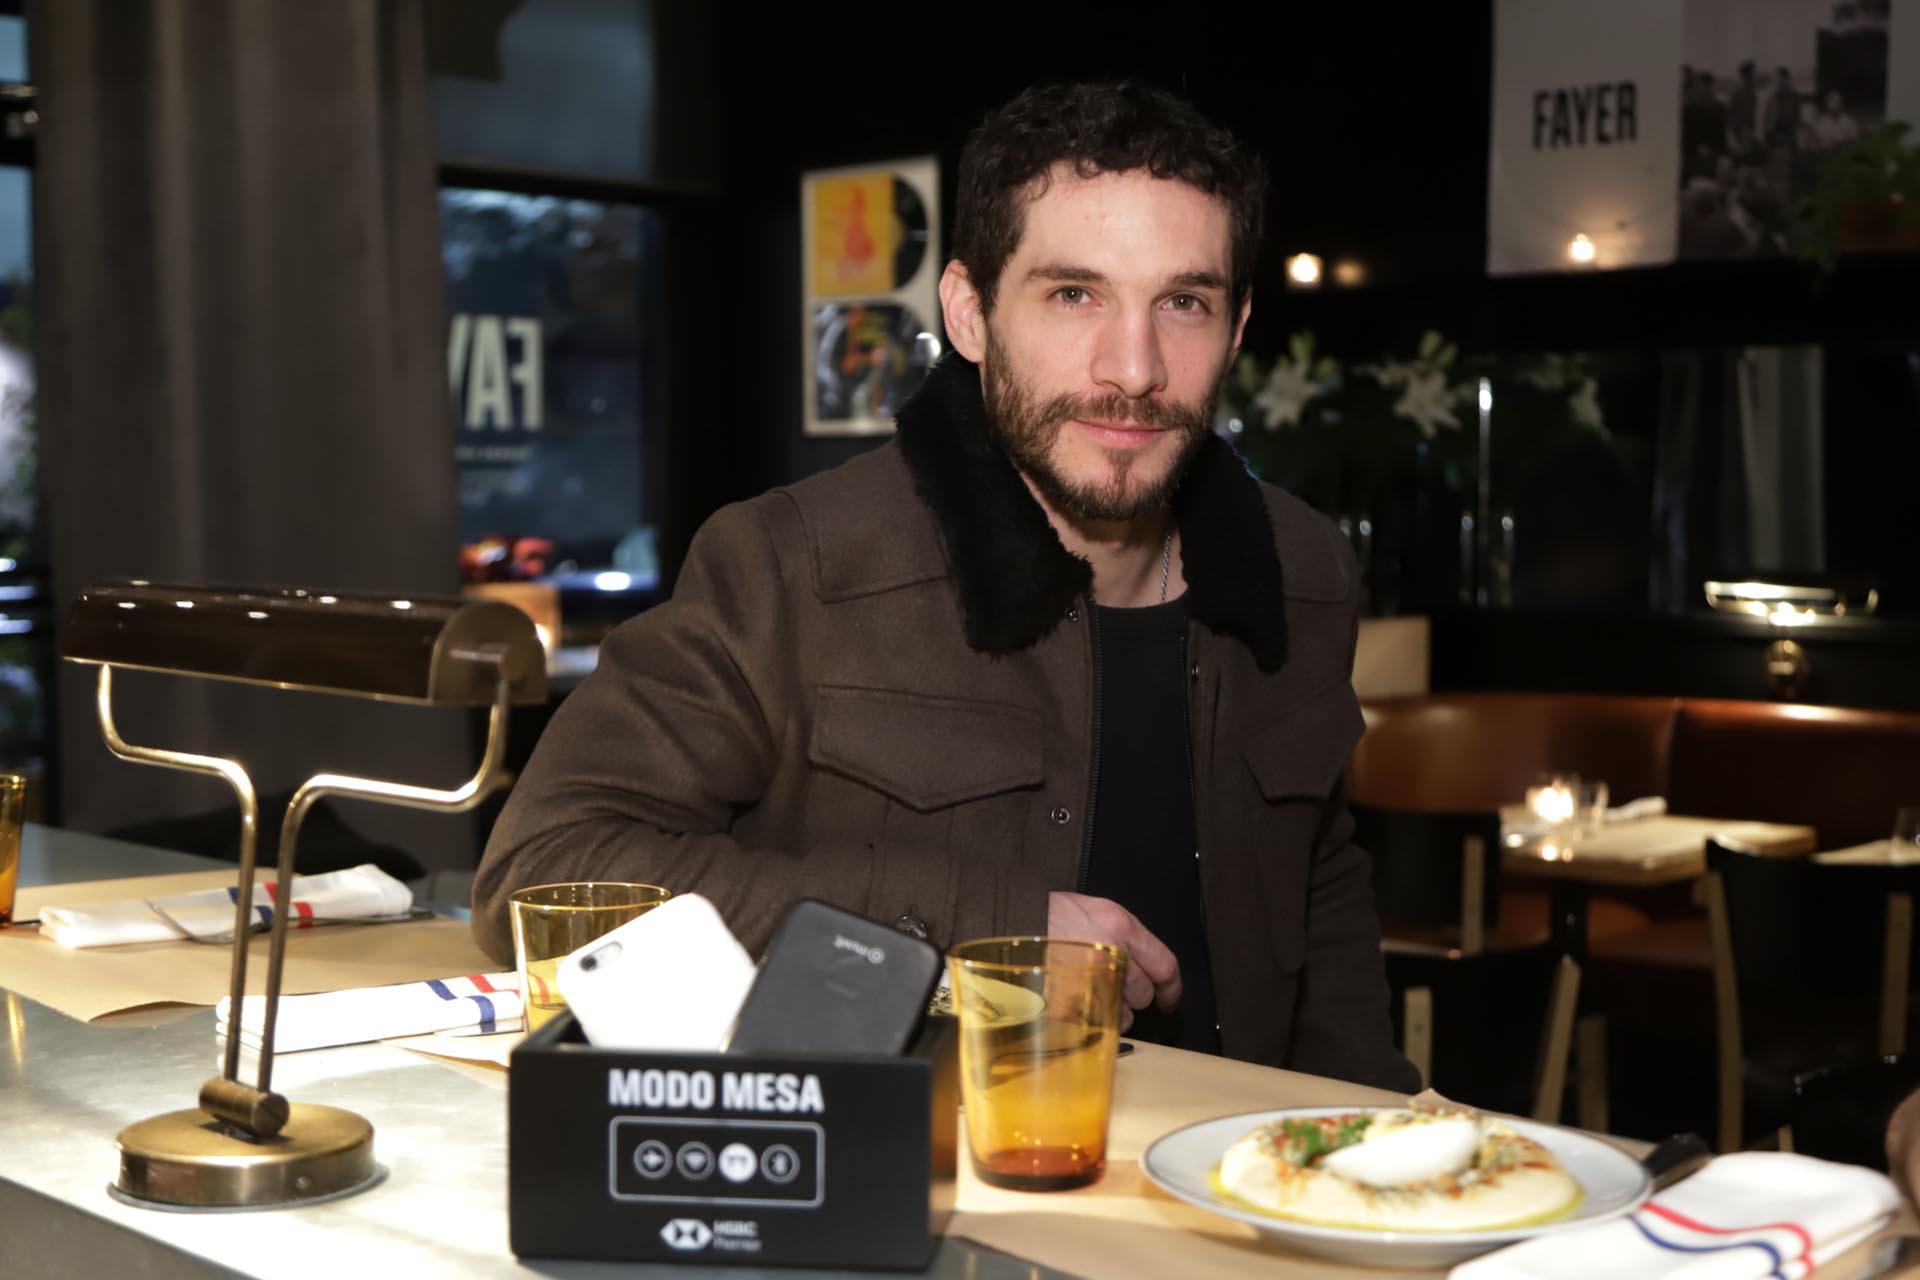 Recientemente separado de Celeste Cid, Michel Noher disfrutó de una cena en Fayer invitado por HSBC en el marco de su programa Modo Mesa. También se lo pudo ver junto a la actriz Paula Recca, aunque los dos juran que son solo amigos